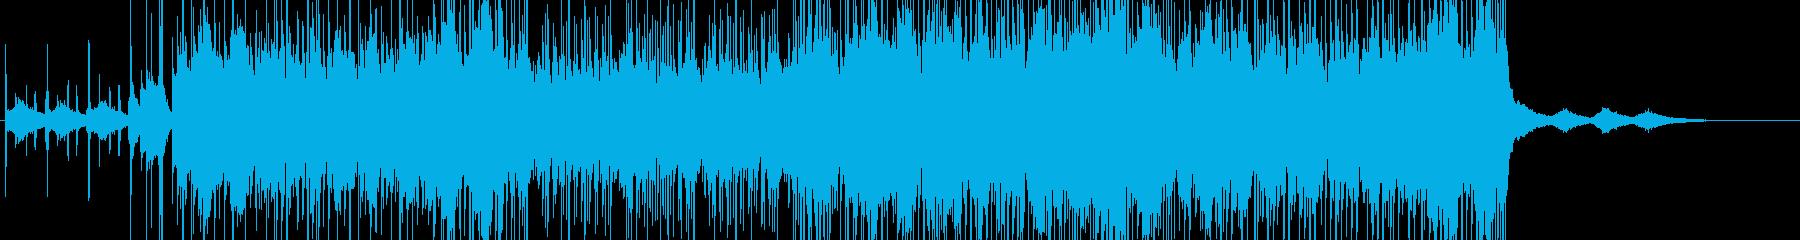 ドラム激しめのホラー系BGM の再生済みの波形